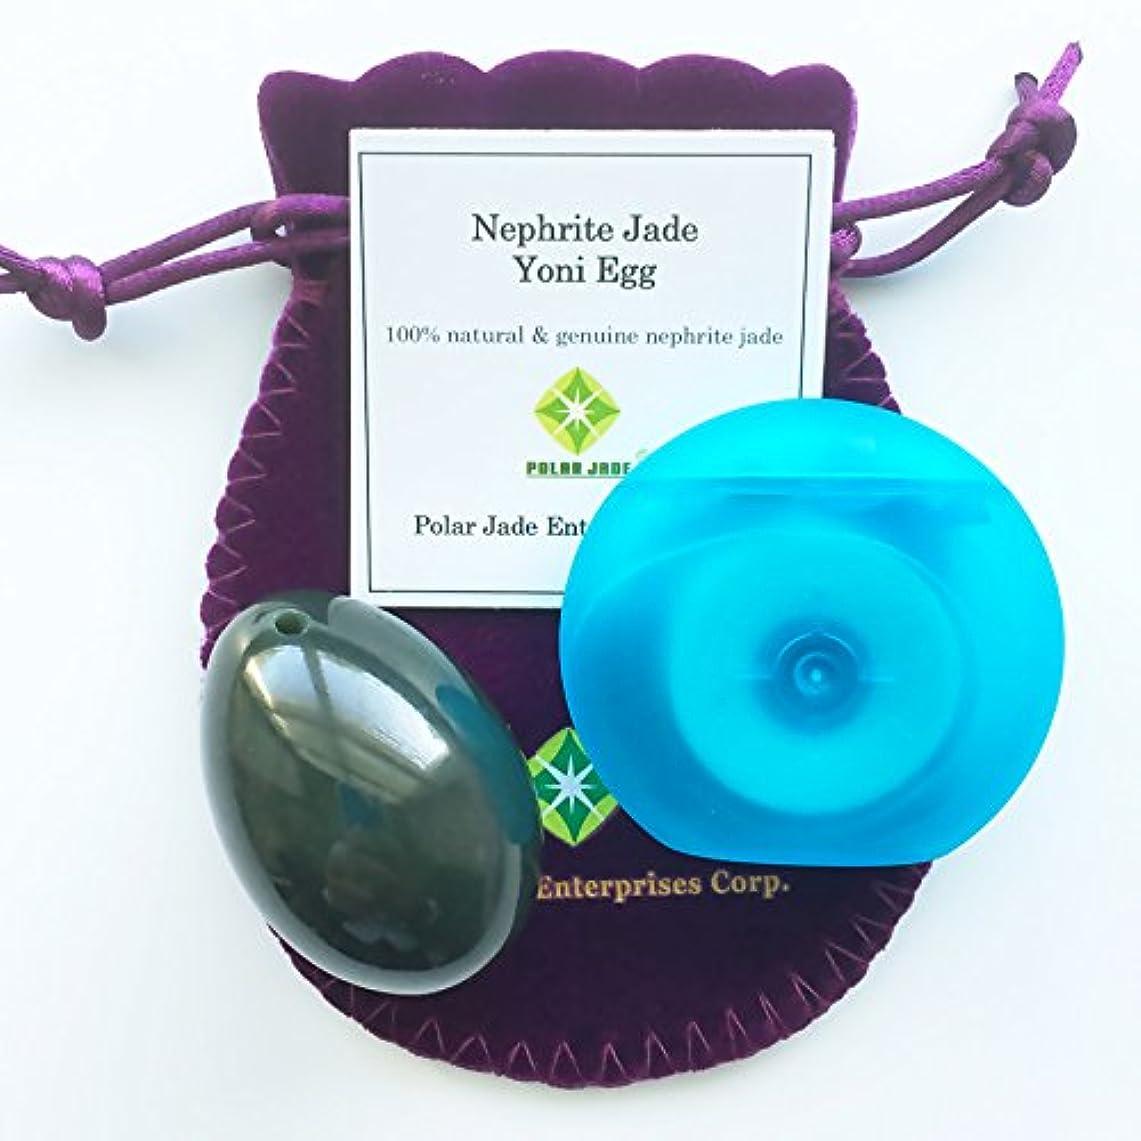 ビスケット石化する課税ネフライト翡翠卵(ジェイドエッグ)、紐穴あり、ワックス加工のされていないデンタルフロス一箱同梱、品質証明書及びエッグ?エクササイズの使用説明書(英語)付き、パワーストーンとしても好適 (Nephrite Jade Egg...